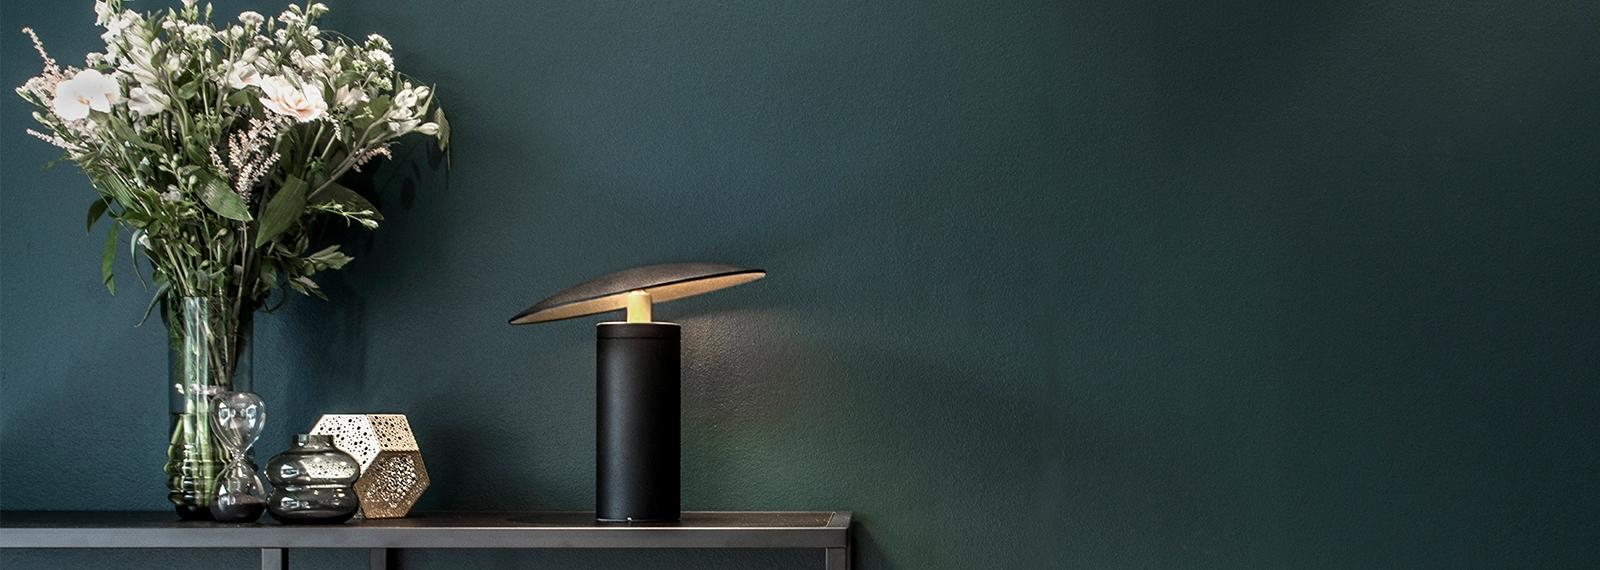 light point lamper